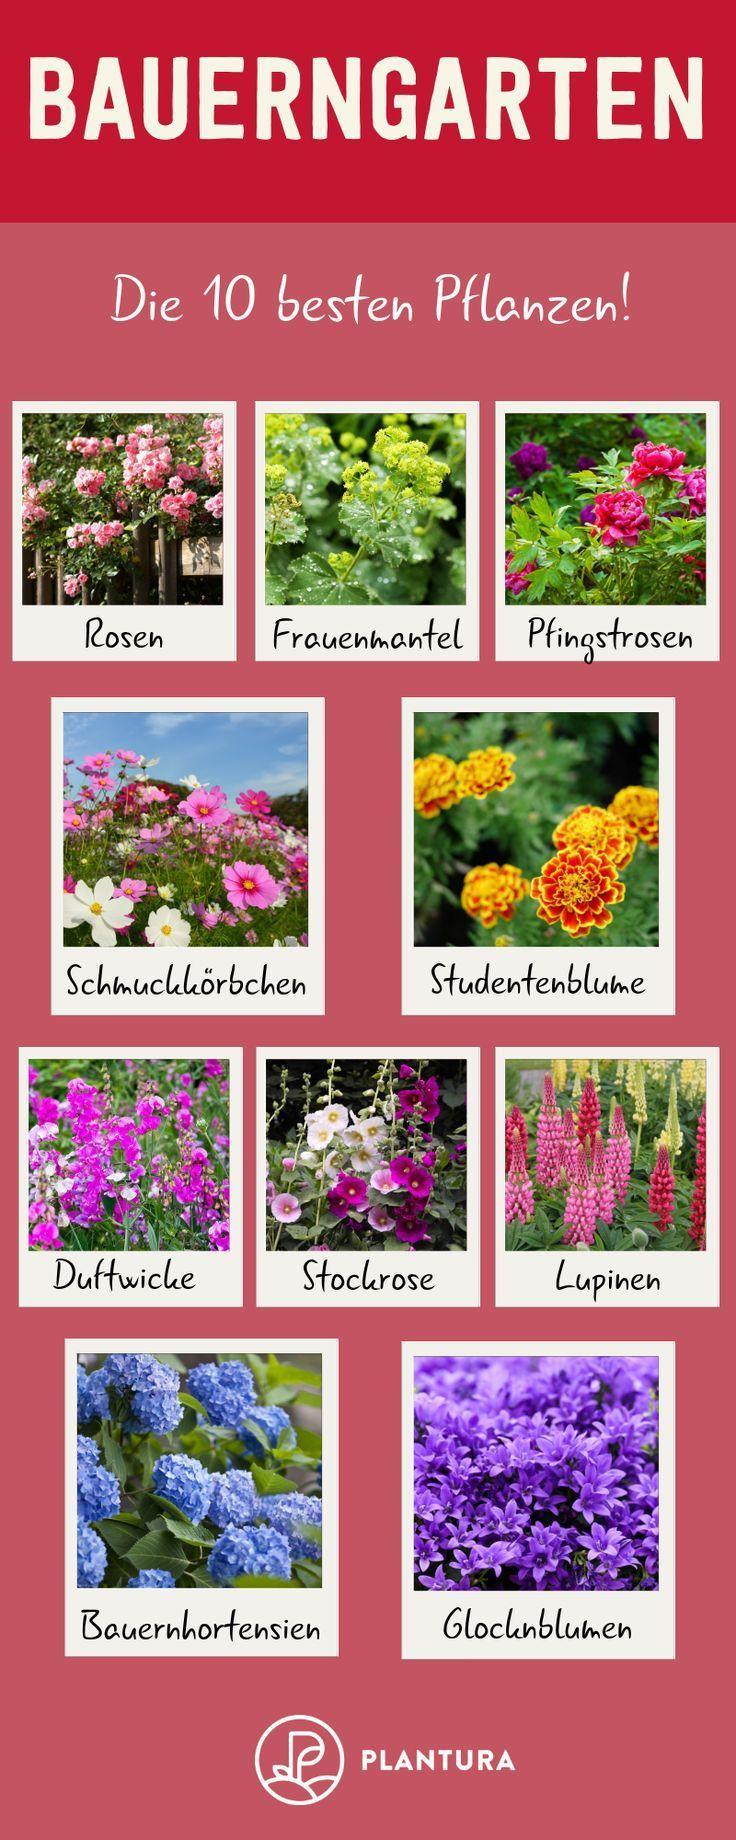 Photo of Bauerngarten: Die besten Pflanzen & Tipps zum Anlegen#anlegen #Bauerngarten #bes…